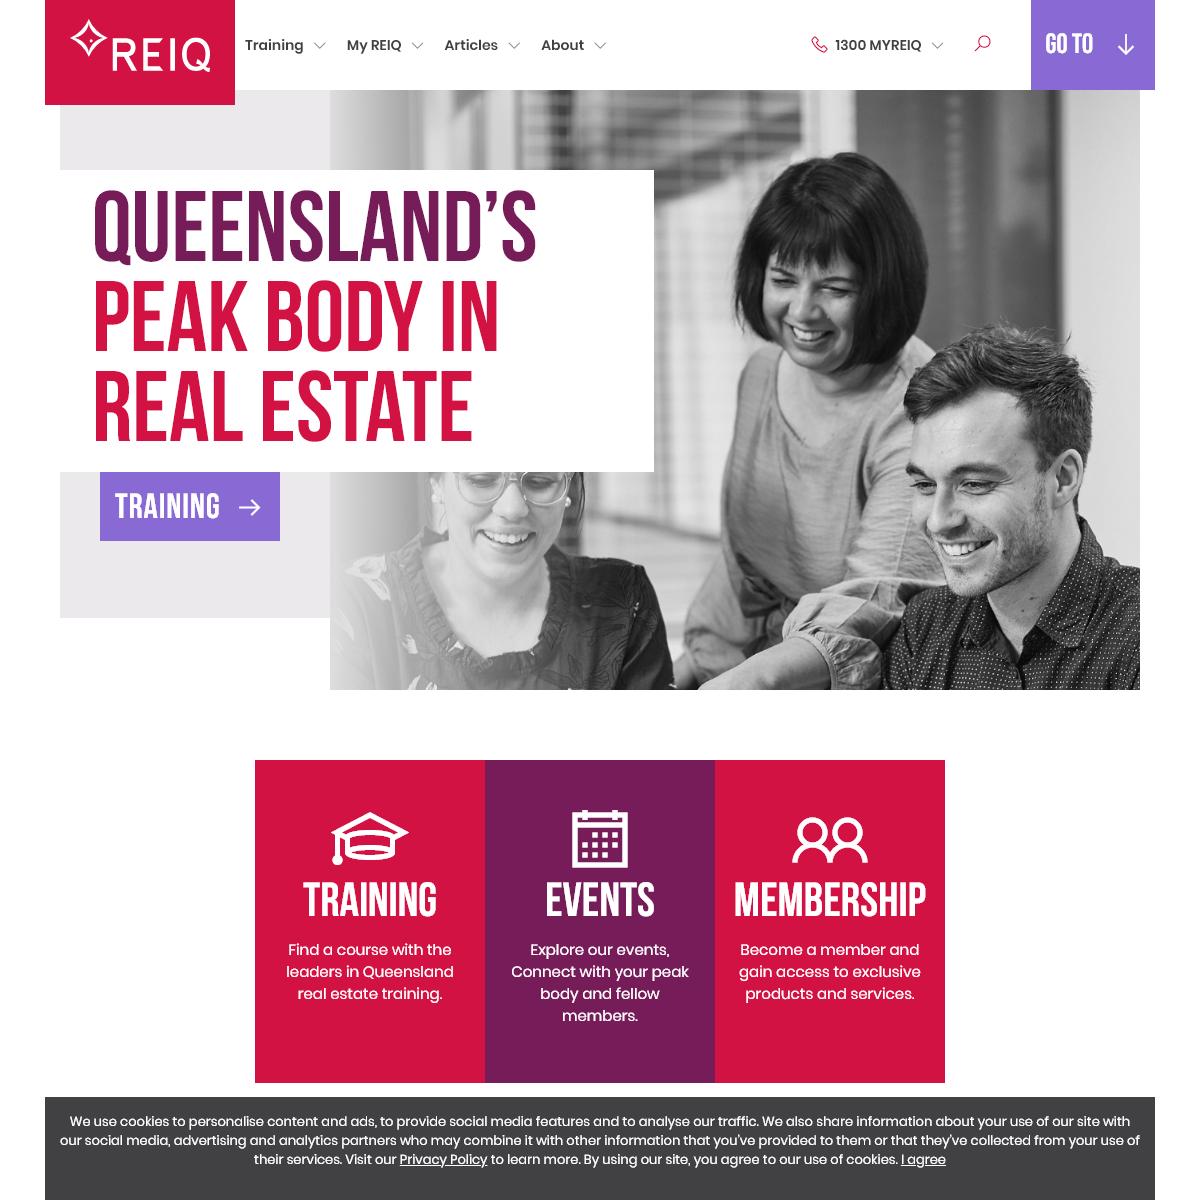 REIQ - Real Estate Institute of Queensland